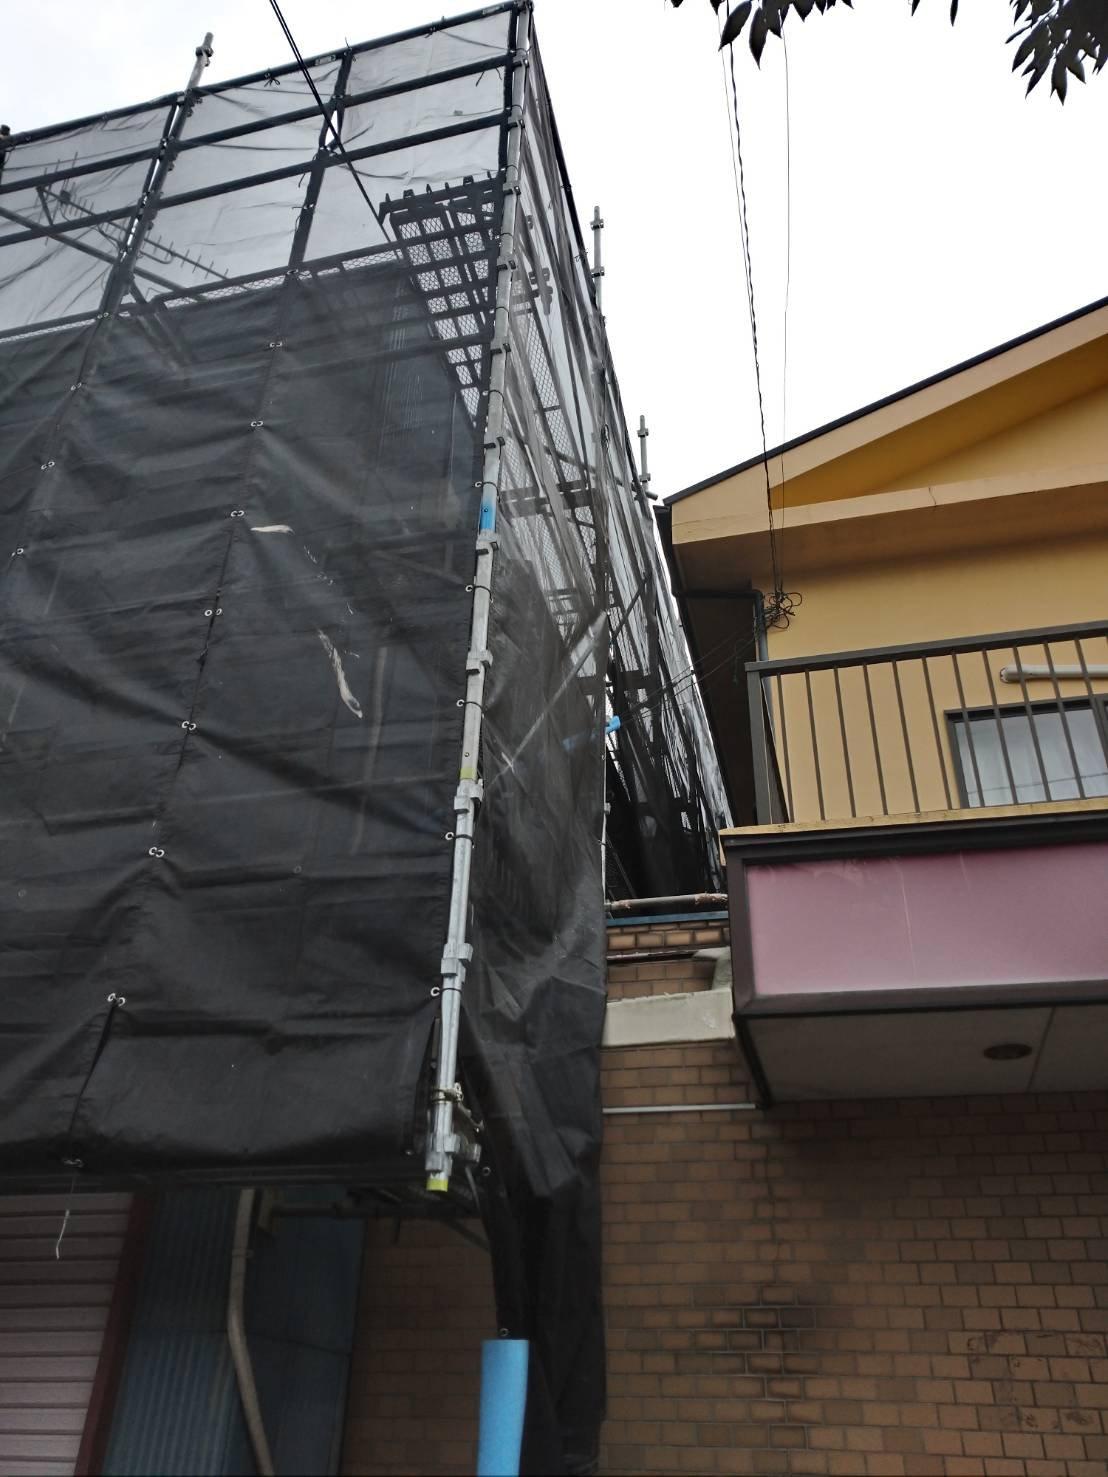 野崎工業 神奈川県横須賀市池上 足場工事 施工事例                             道路使用許可 外壁塗装